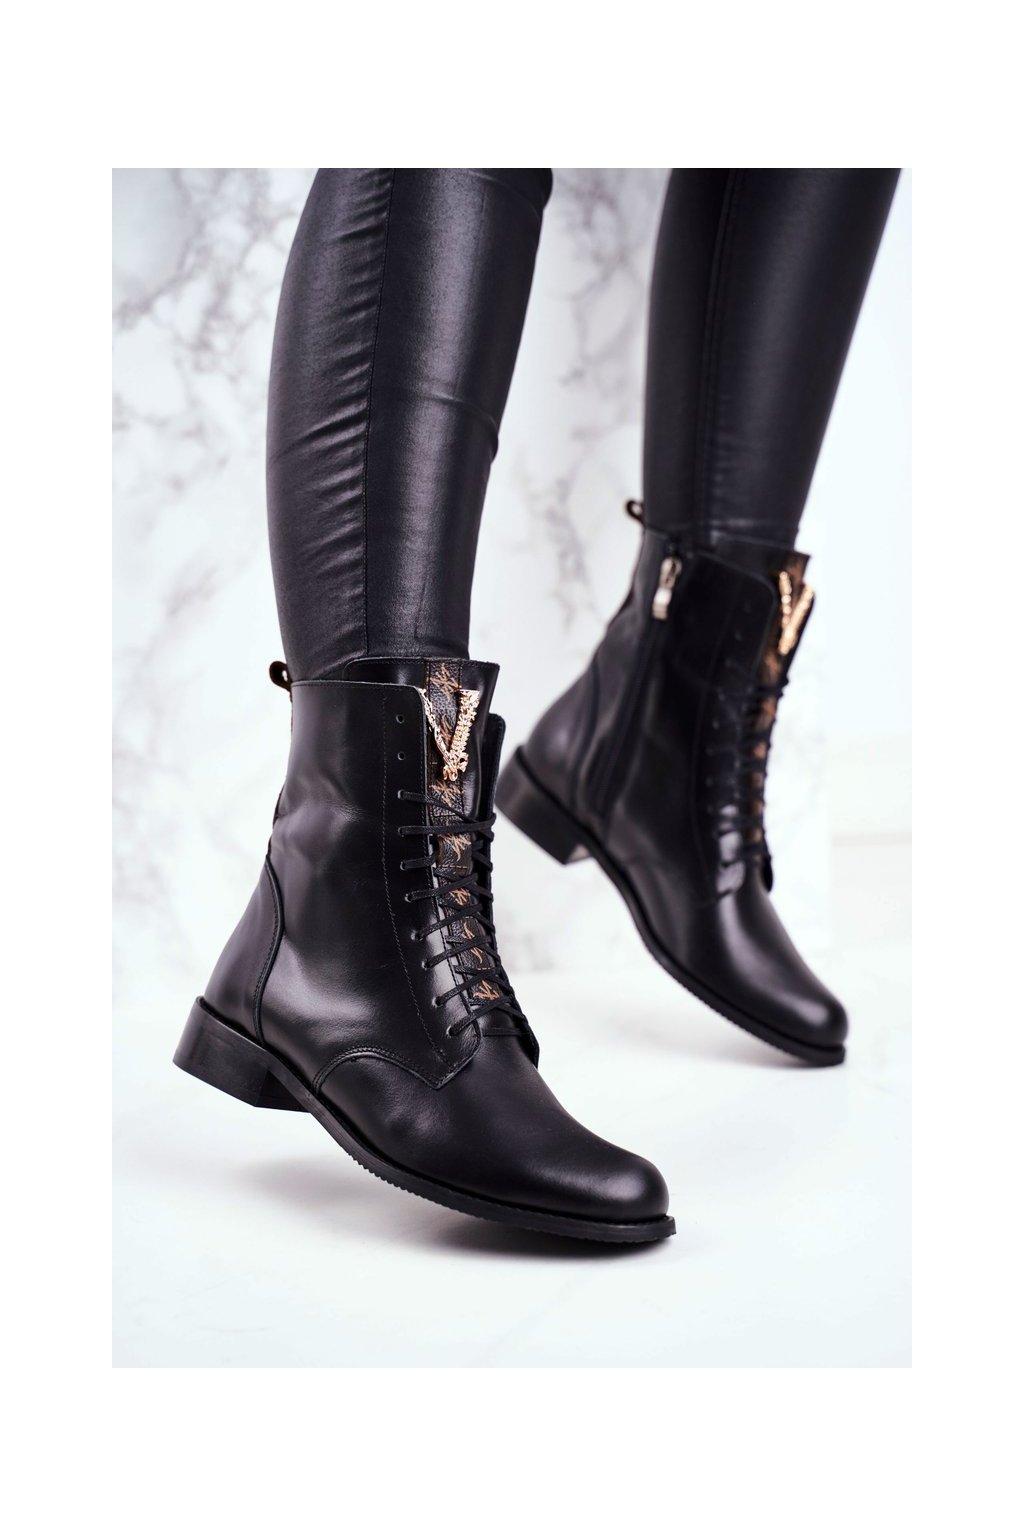 Členkové topánky na podpätku farba čierna kód obuvi 2593 001 BLK